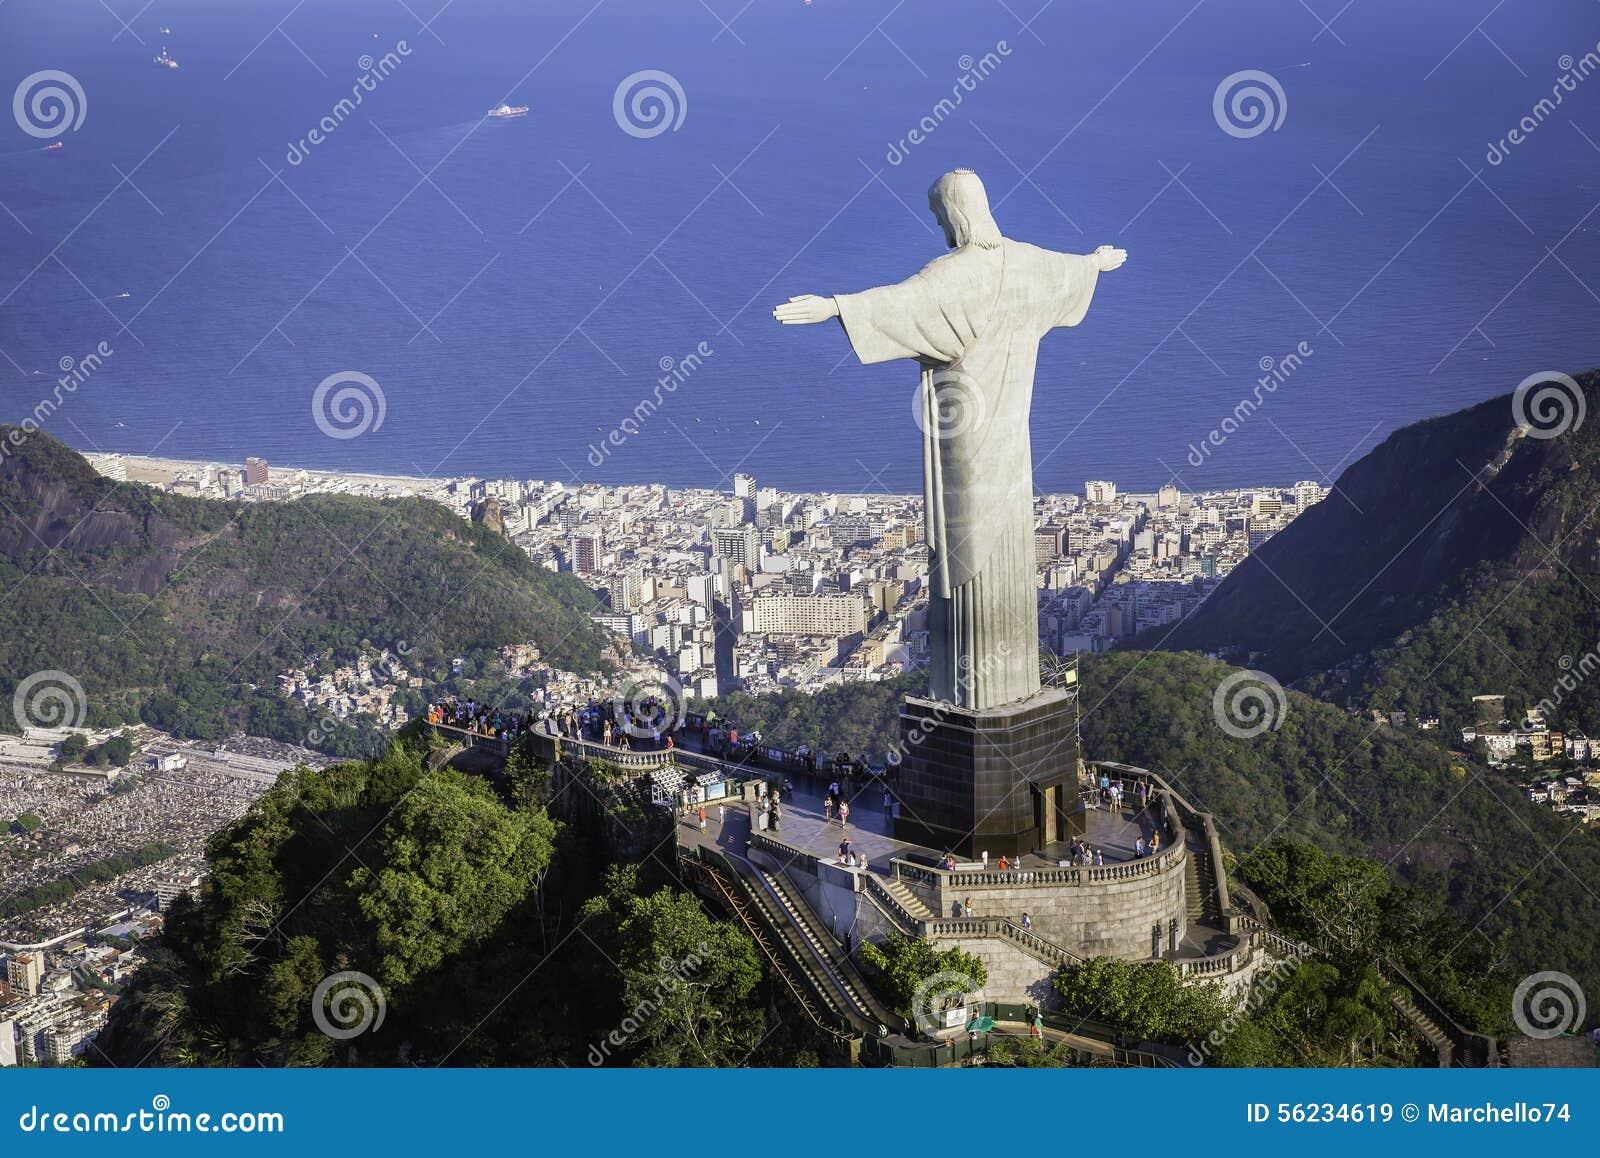 基督鸟瞰图和博塔福戈从大角度咆哮在里约热内卢